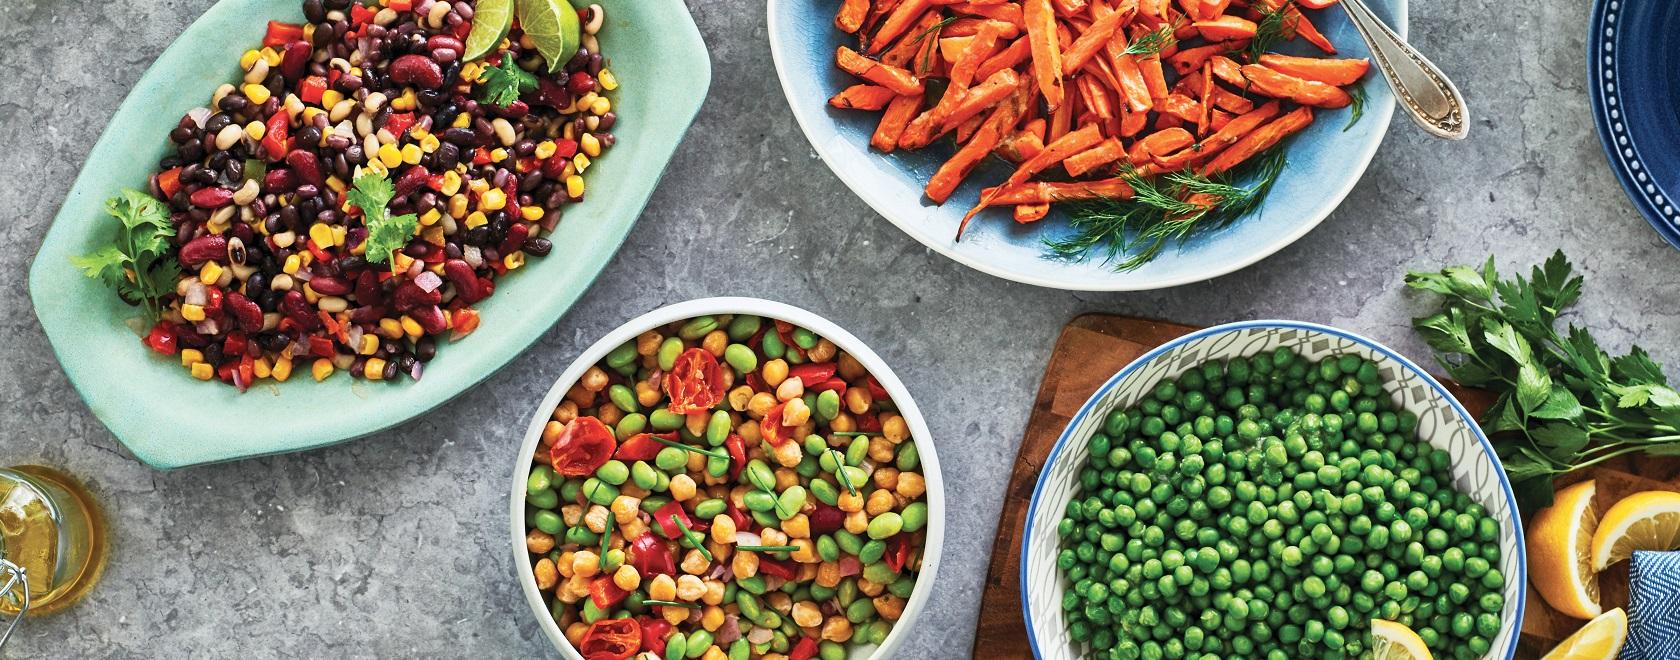 Plats de légumes et salades